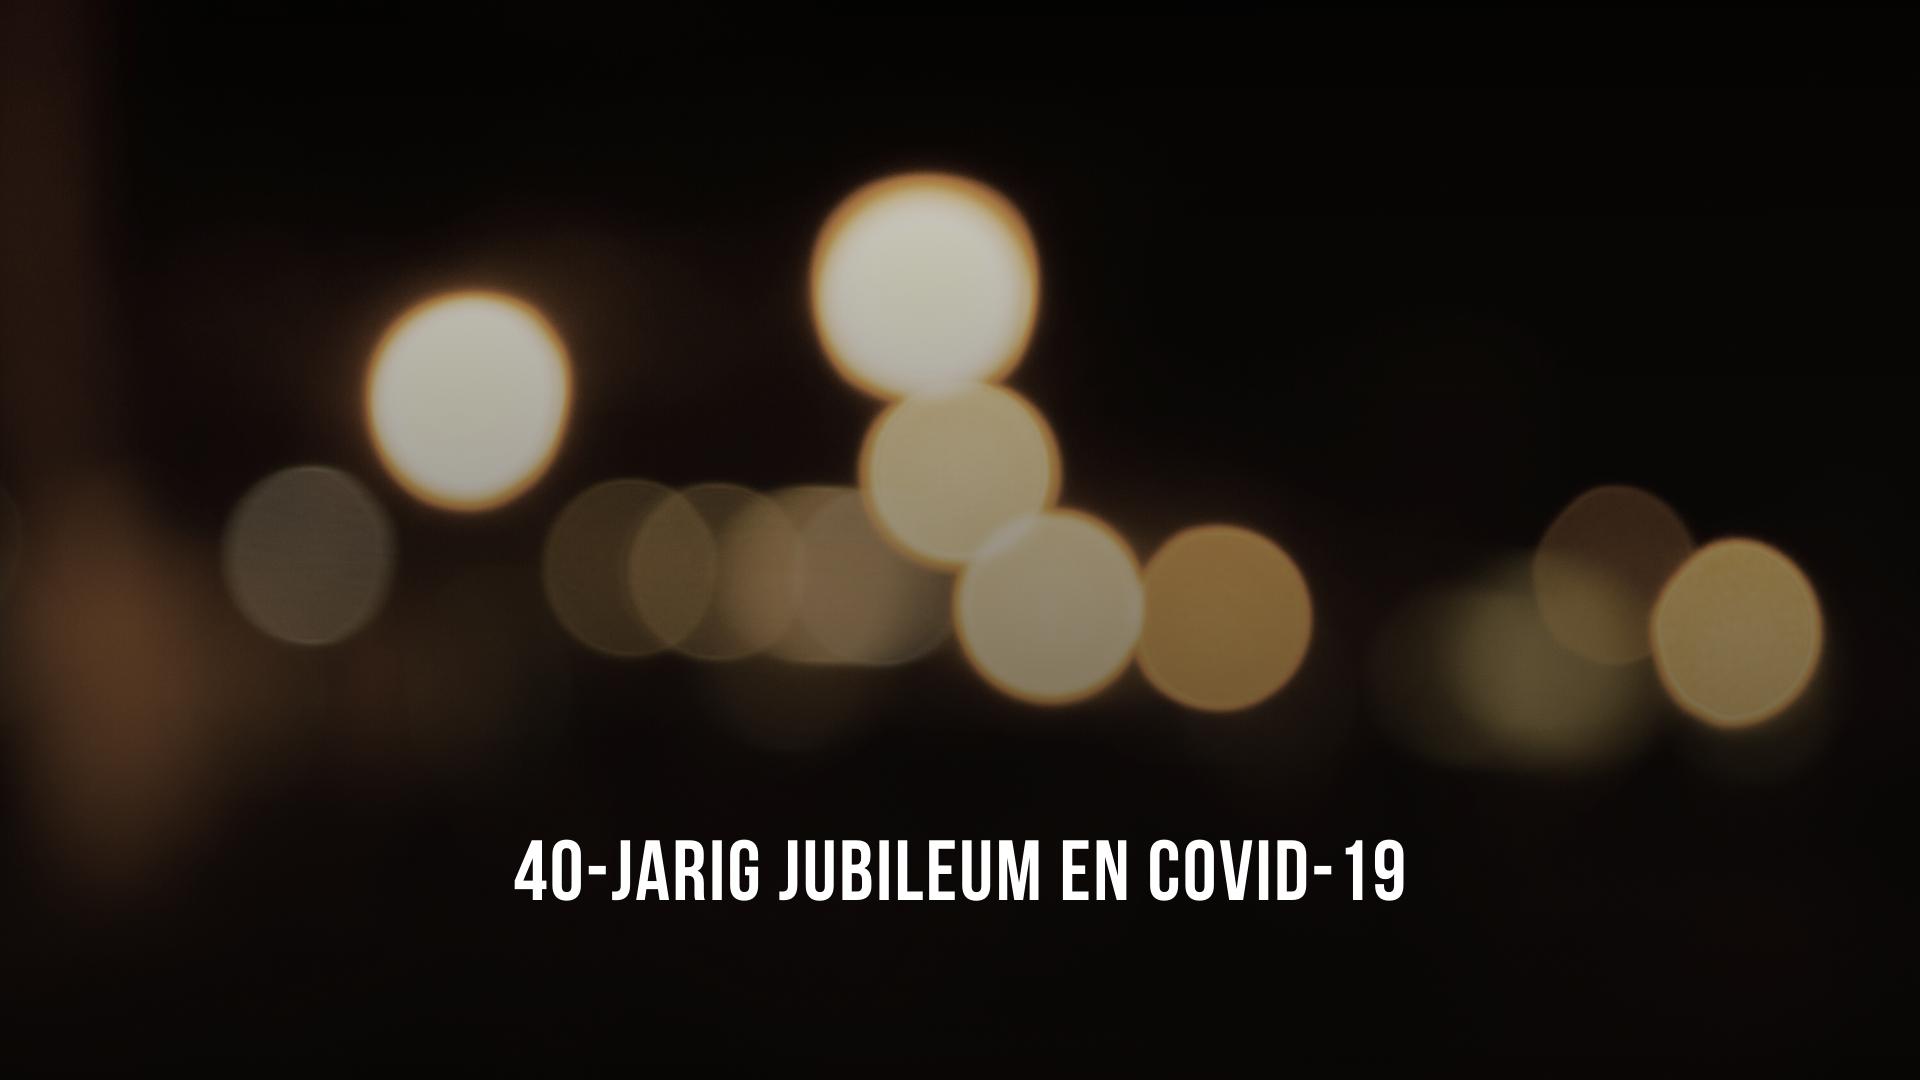 40-Jarig jubileum en COVID-19